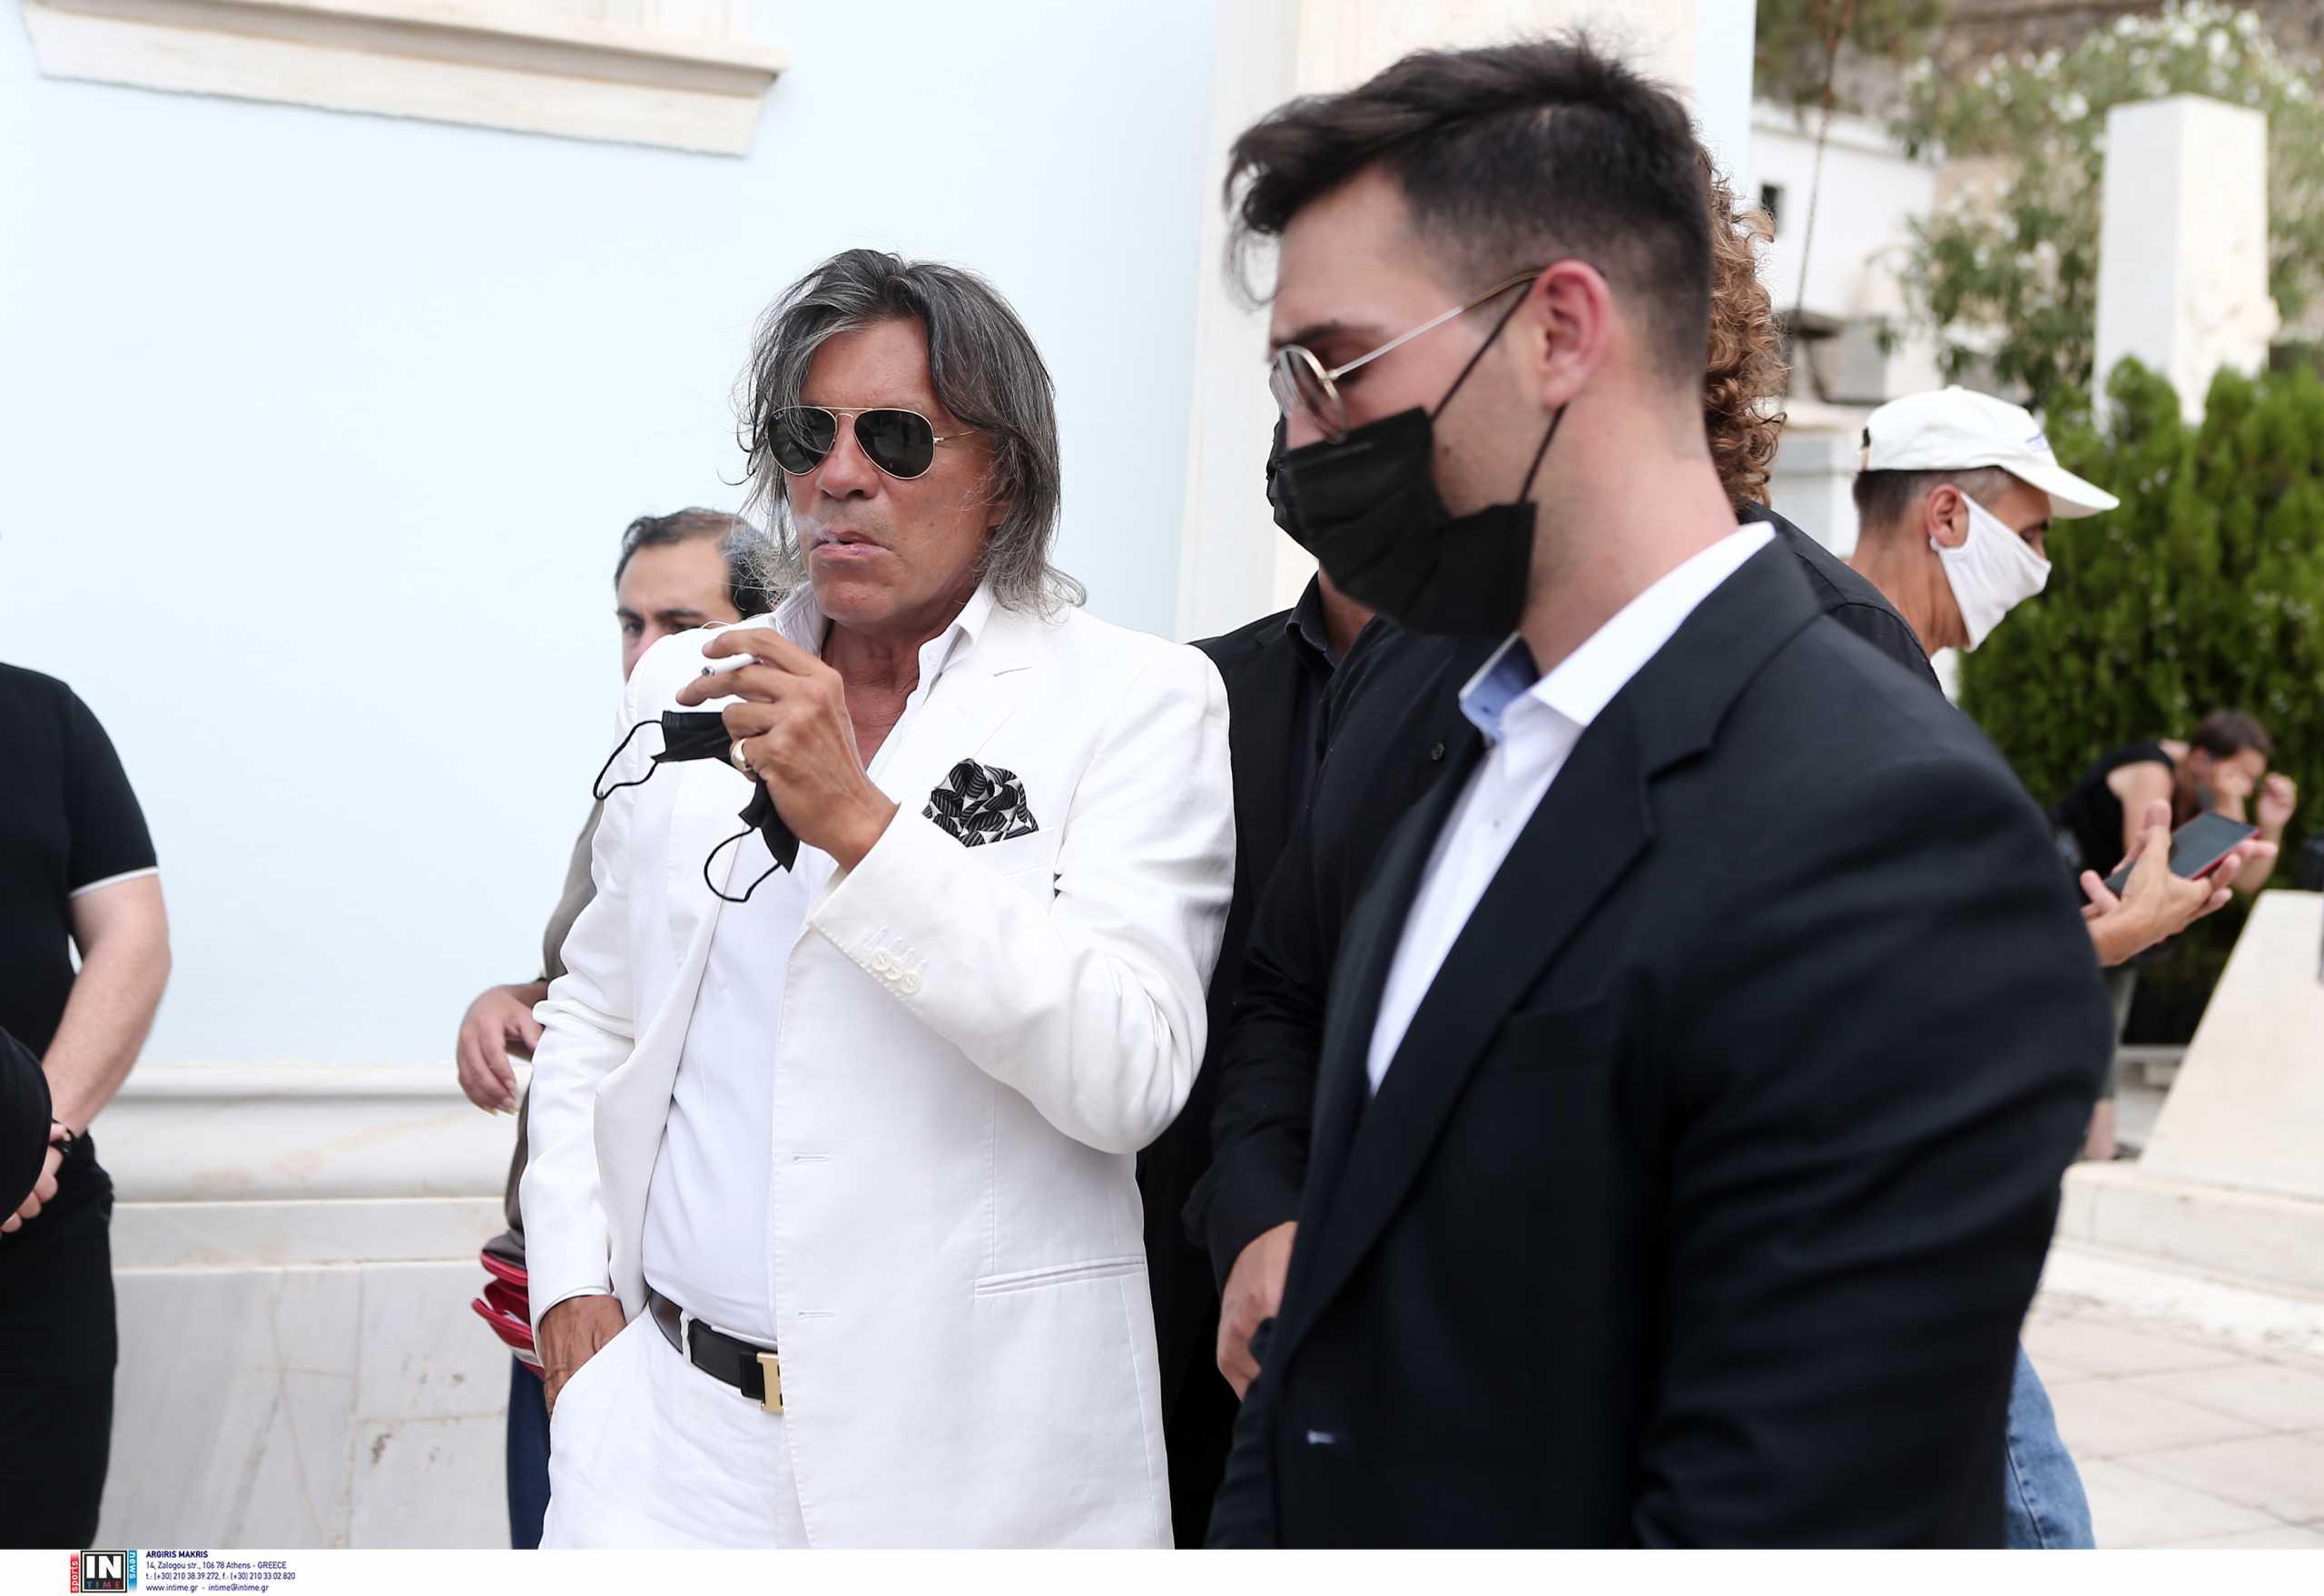 Τόλης Βοσκόπουλος: Η συμφωνία που τήρησε ο Ηλίας Ψινάκης